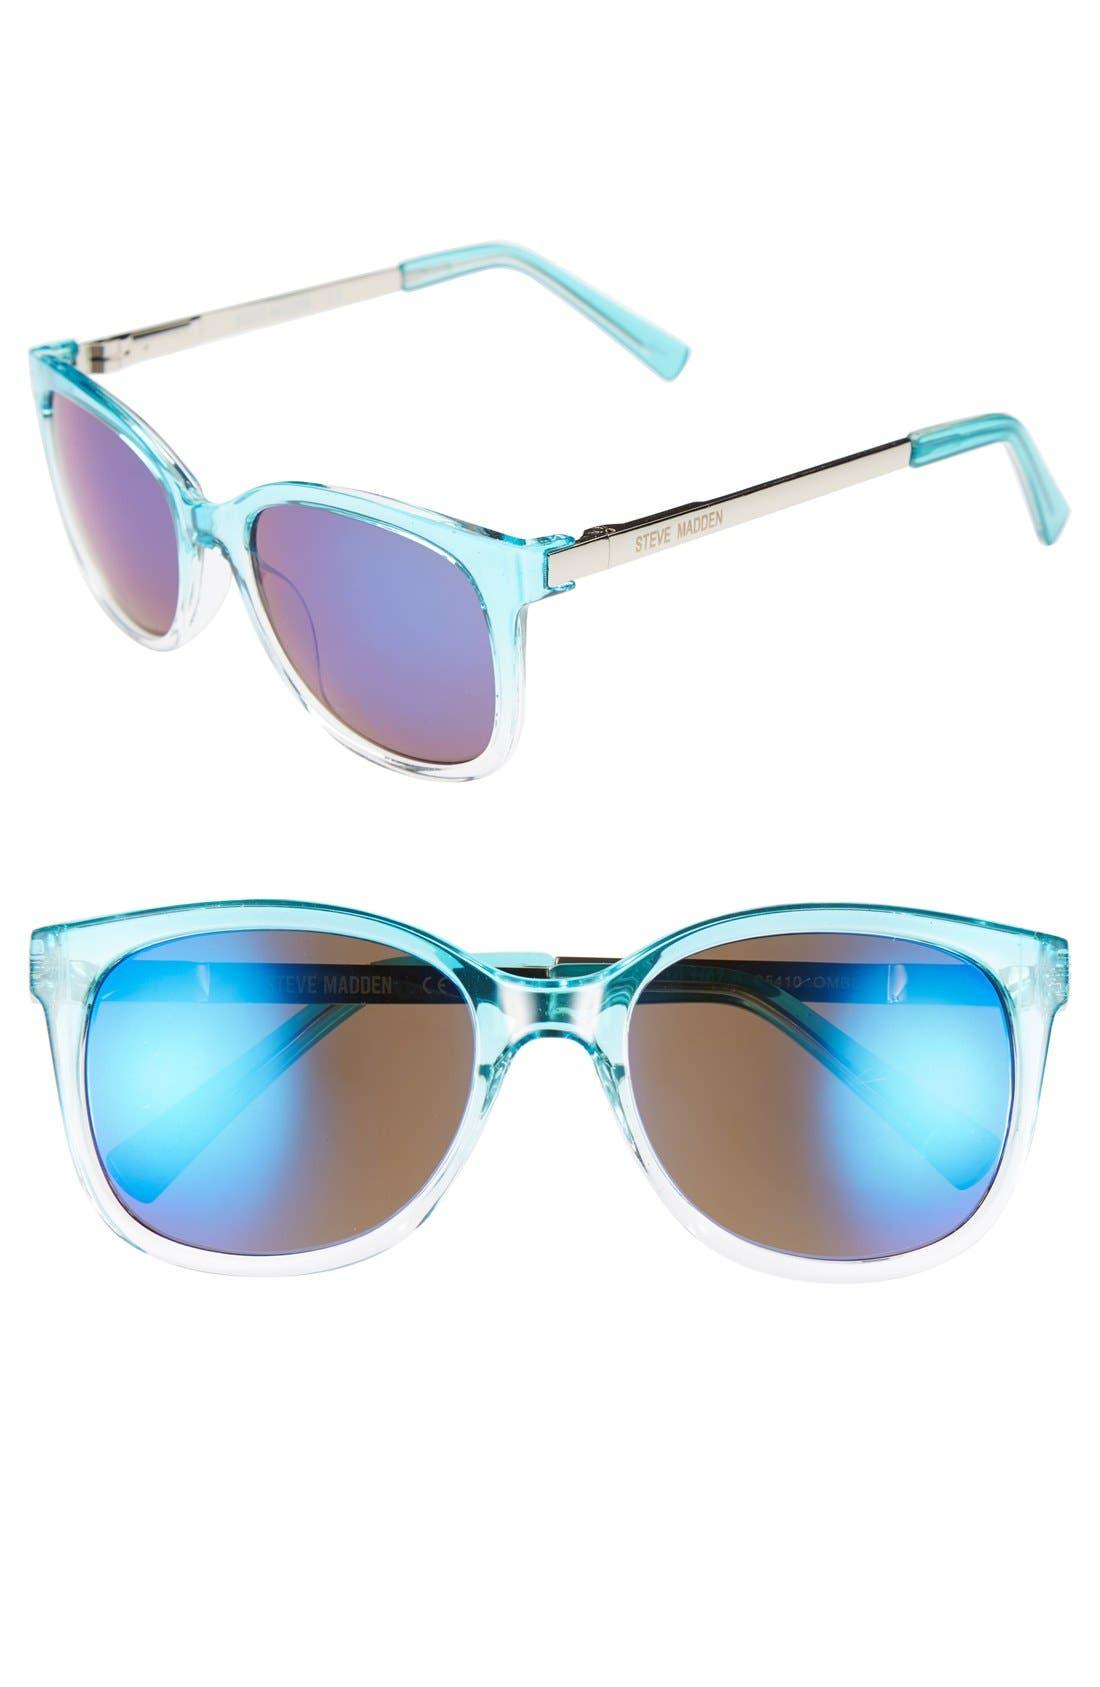 Main Image - Steve Madden 52mm Sunglasses